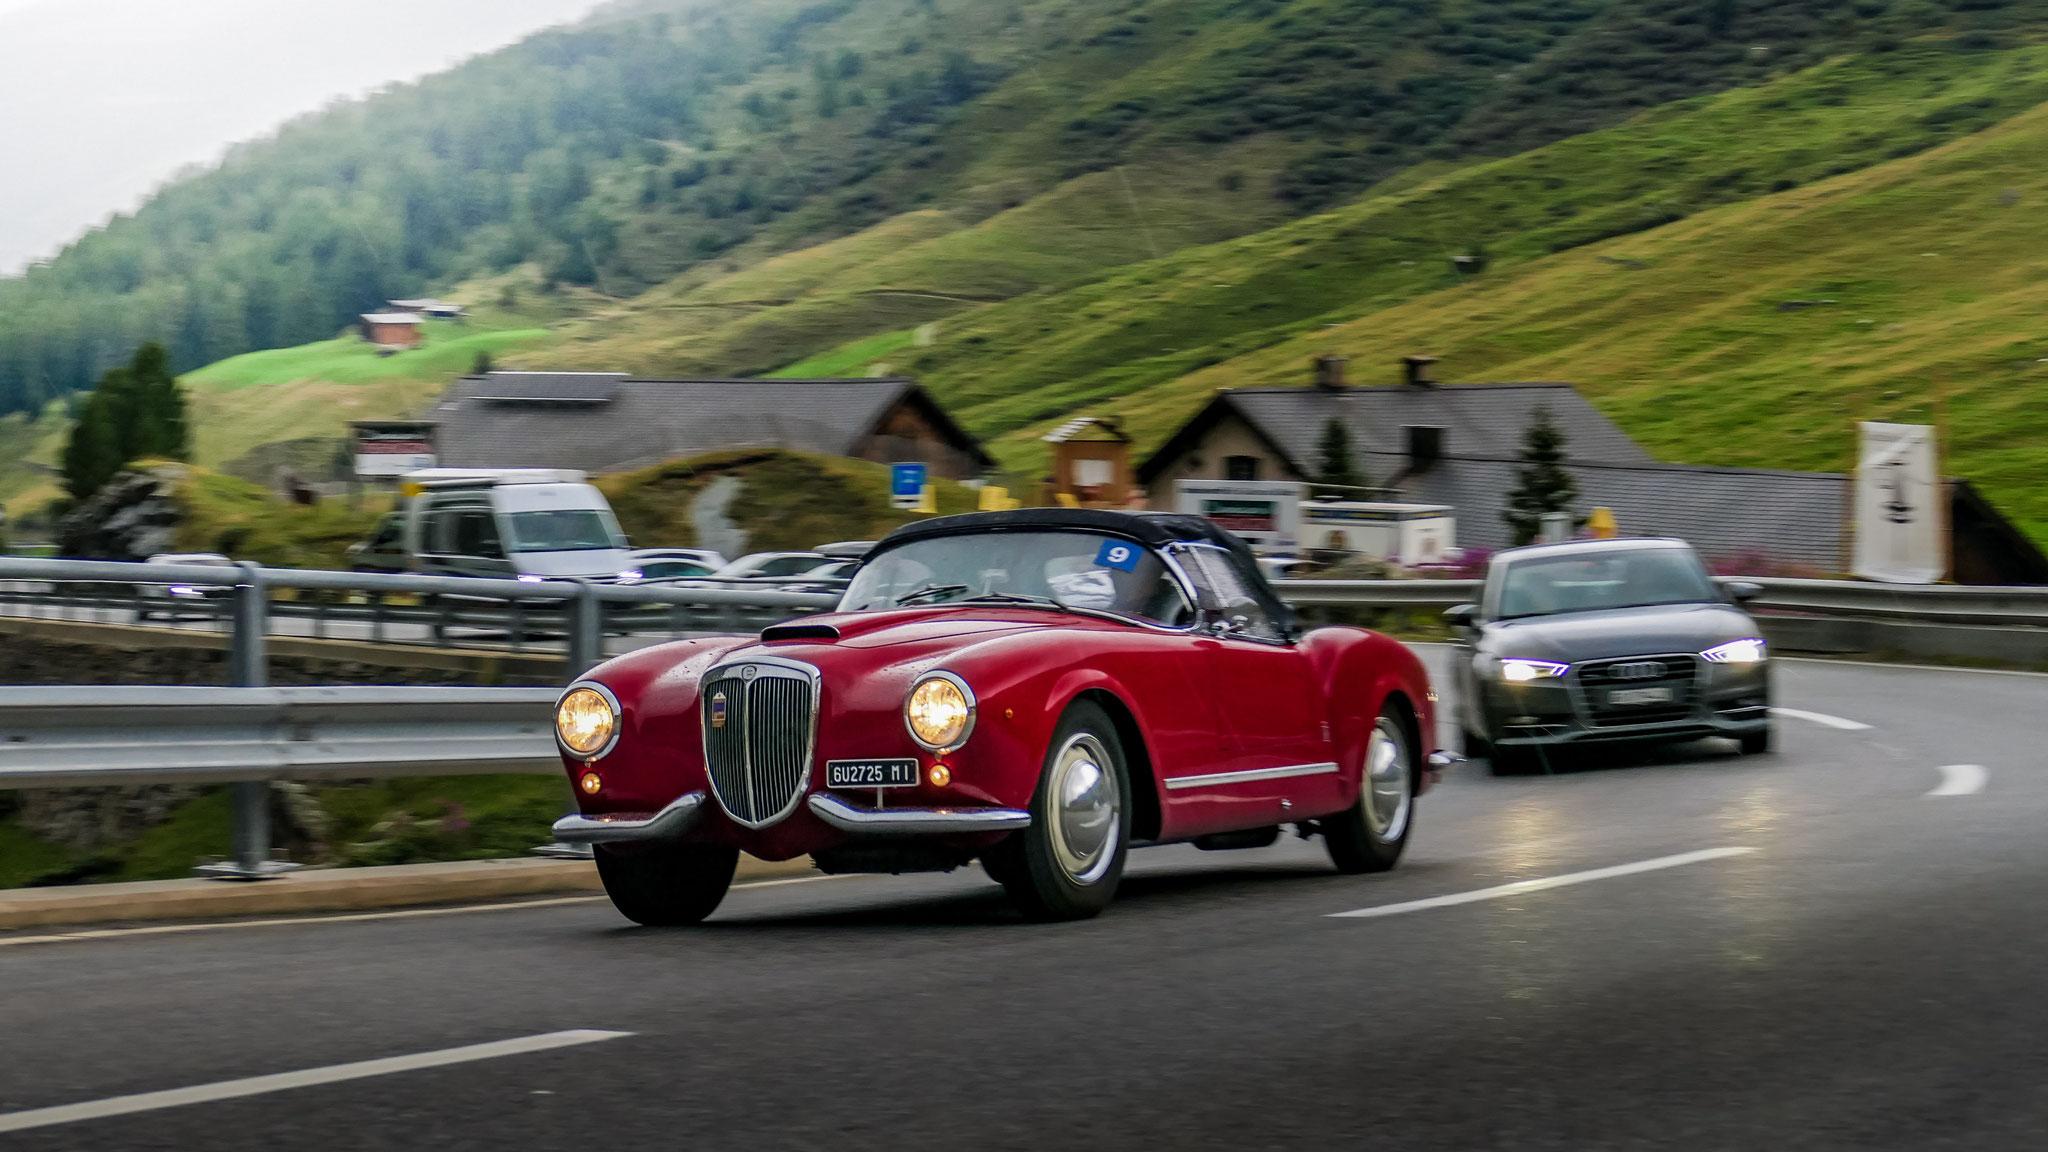 Lancia Aurelia B24 Spider - 6U-2725-MI (ITA)